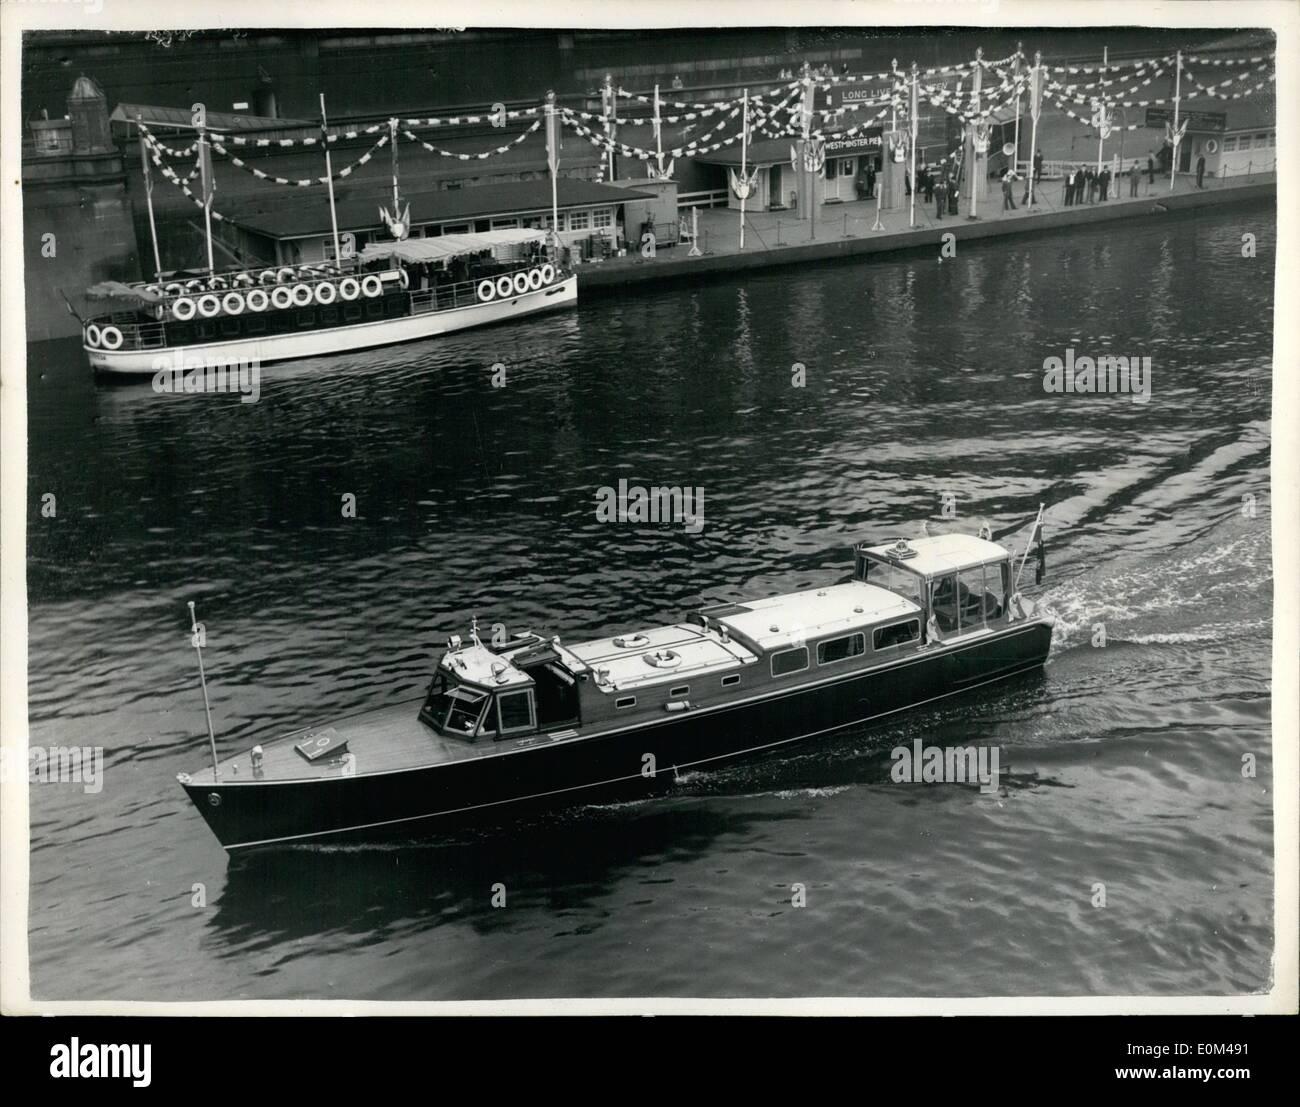 Mai 05, 1953 - P.L.A. Lancer équipée de Royal Barge. Le Port de Londres l'autorité de lancement du moteur ''plus'', a été équipé comme un Barge royale pour l'utilisation de Sa Majesté la Reine pour le transport sur le fleuve. Le lancement, montrant l'adaptation, a tenu à Westminster Pier. La première fois que le lancement sera utilisée par Sa Majesté est le 12e. Juin sur le retour de Tower Pier jusqu'à Westminster Pier après sa visite dans la ville. Photo: Keystone montre- Vue de la ''Nore'' à Westminster Pier. Le nouveau verre entouré de montagne a une couronne sur le dessus. Photo Stock